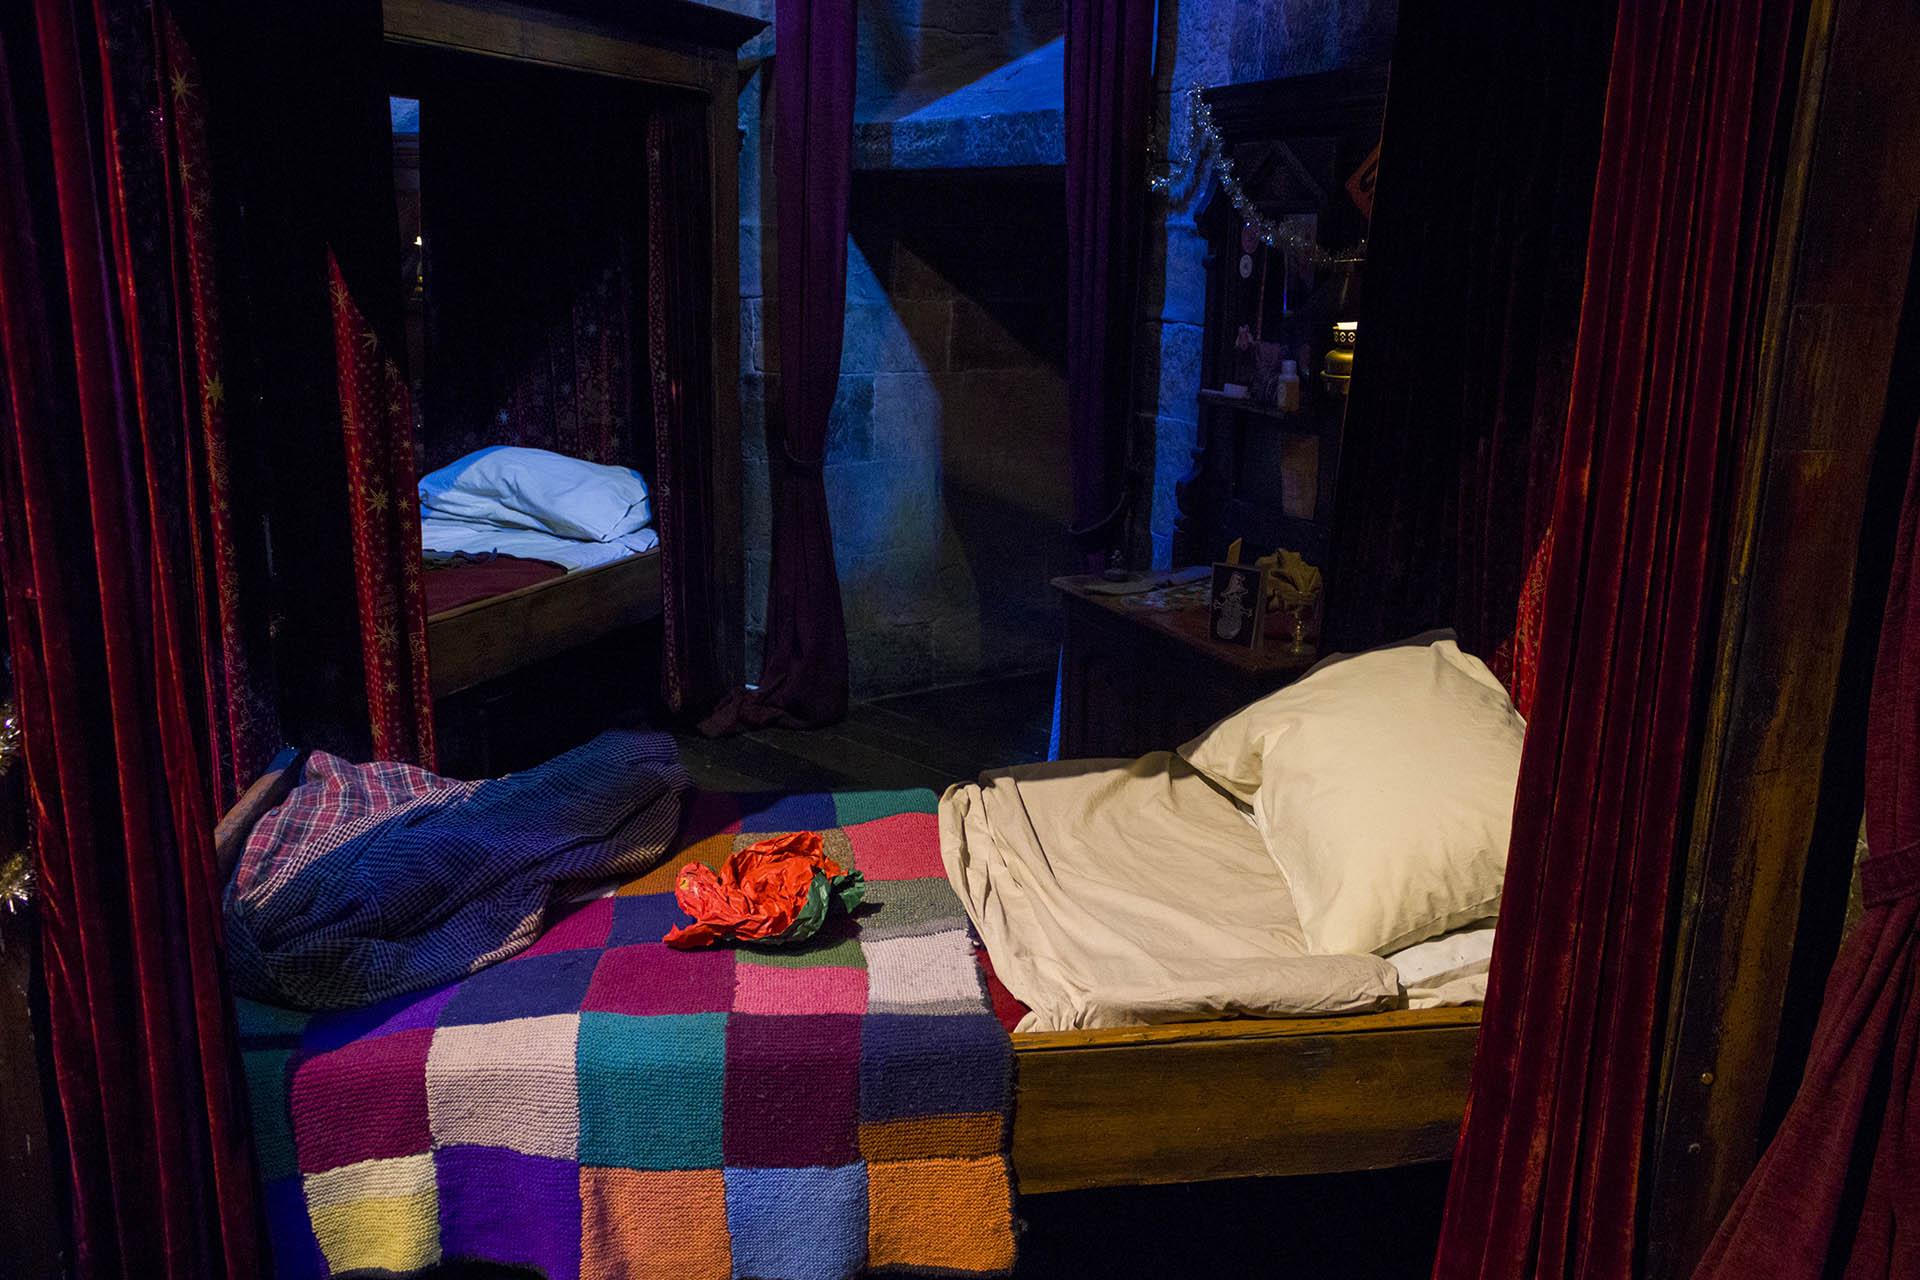 Eén van de bedden in de Gryffindor common room in de studio's met cadeaupapier van de kerstcadeaus.